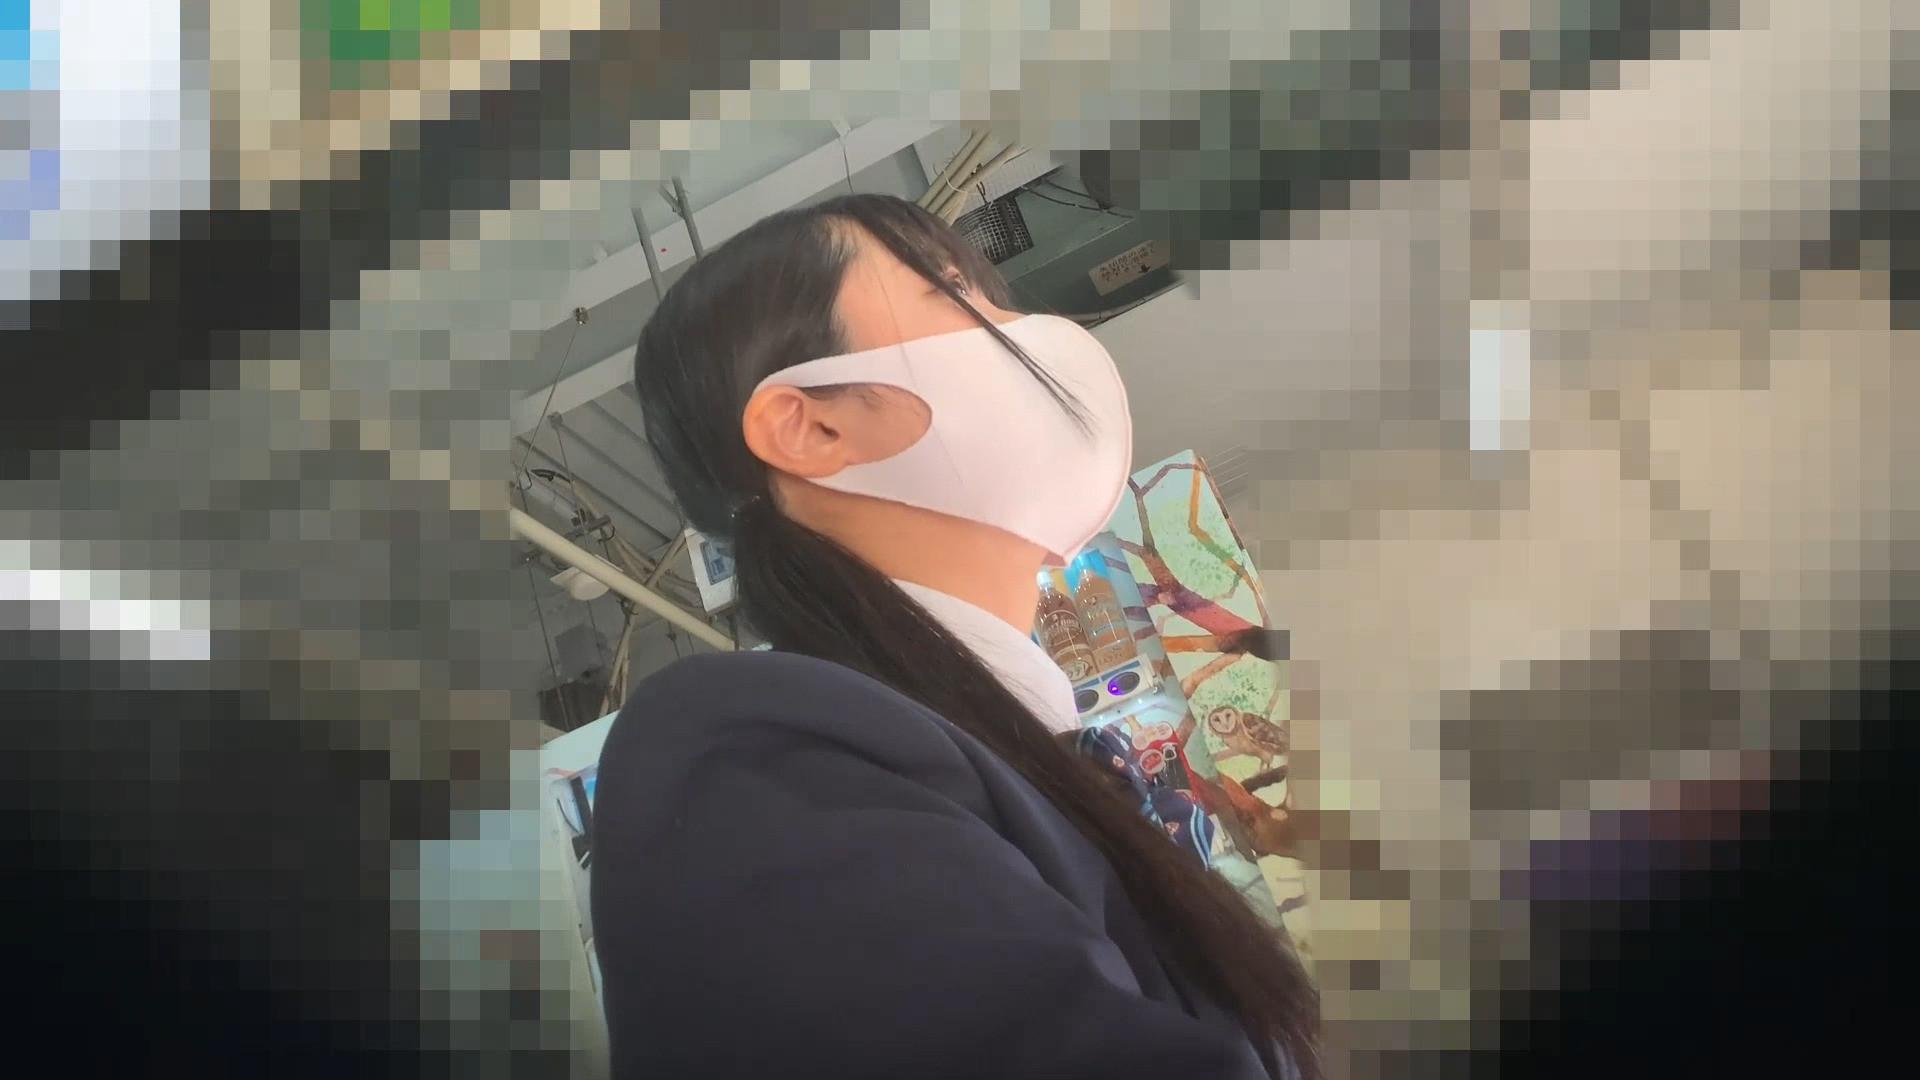 実録 電車痴漢映像 #008 画像8